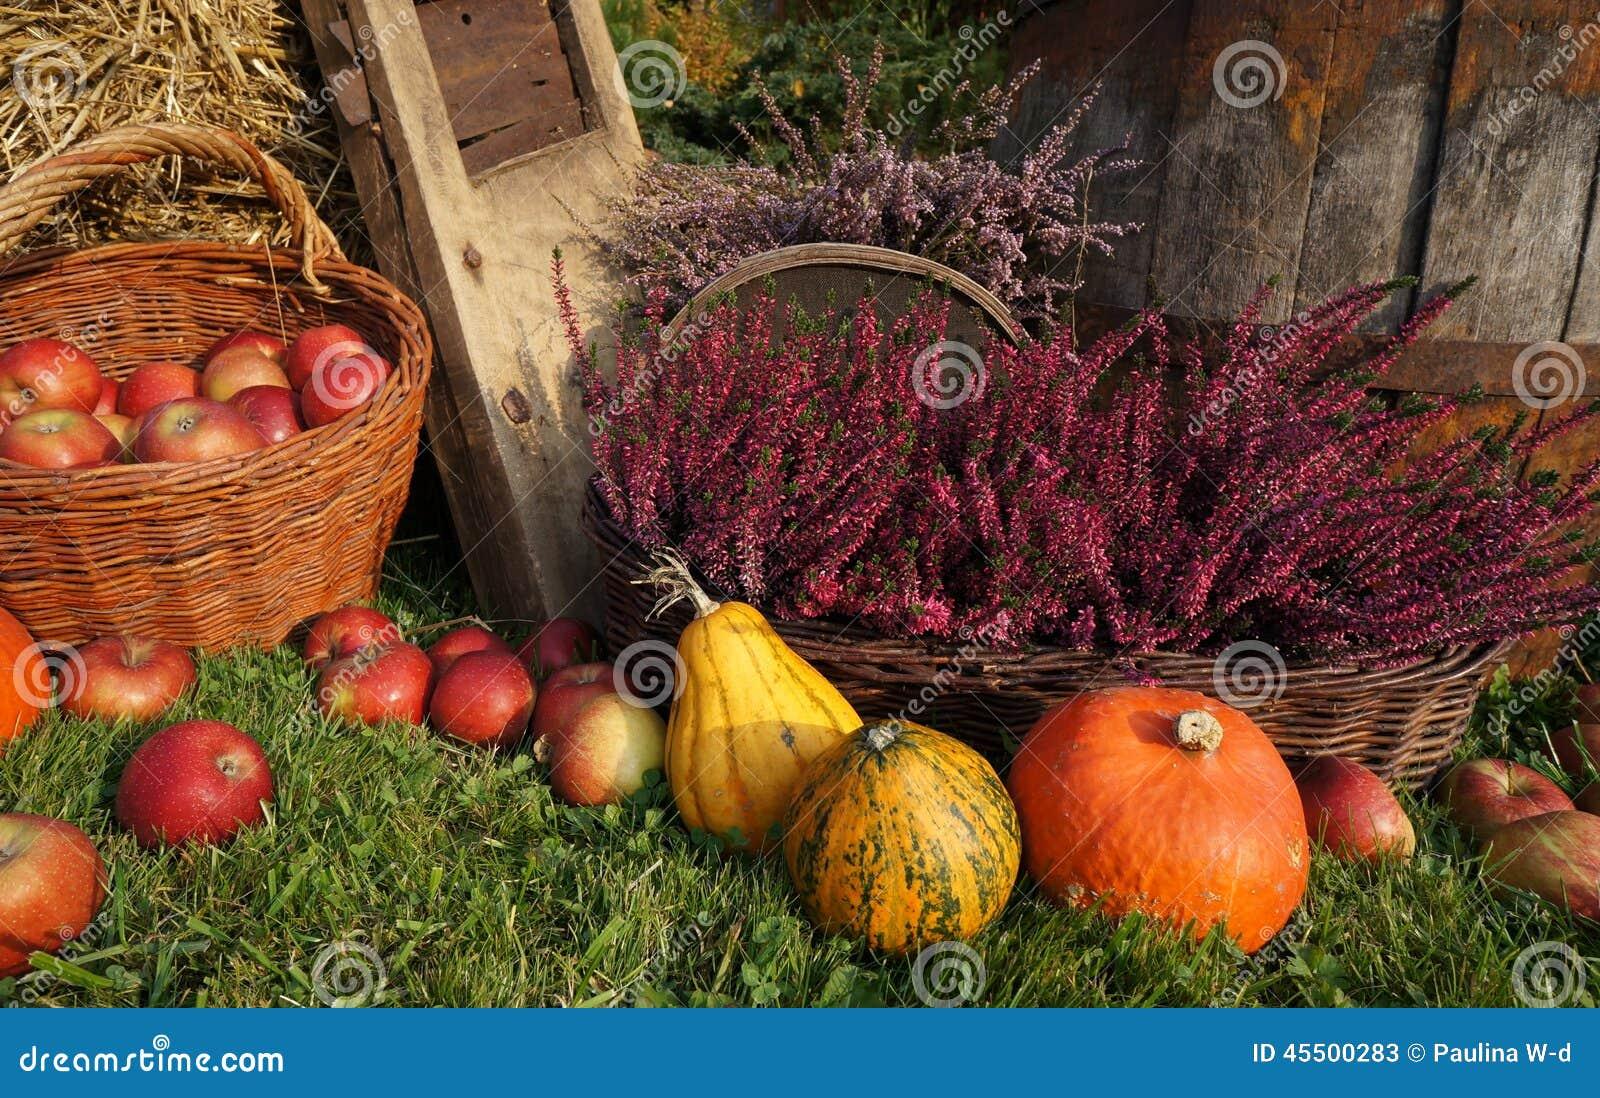 Jesieni dekoracja, banie, kabaczek, wrzosów kwiaty i łozinowy kosz z jabłkami,